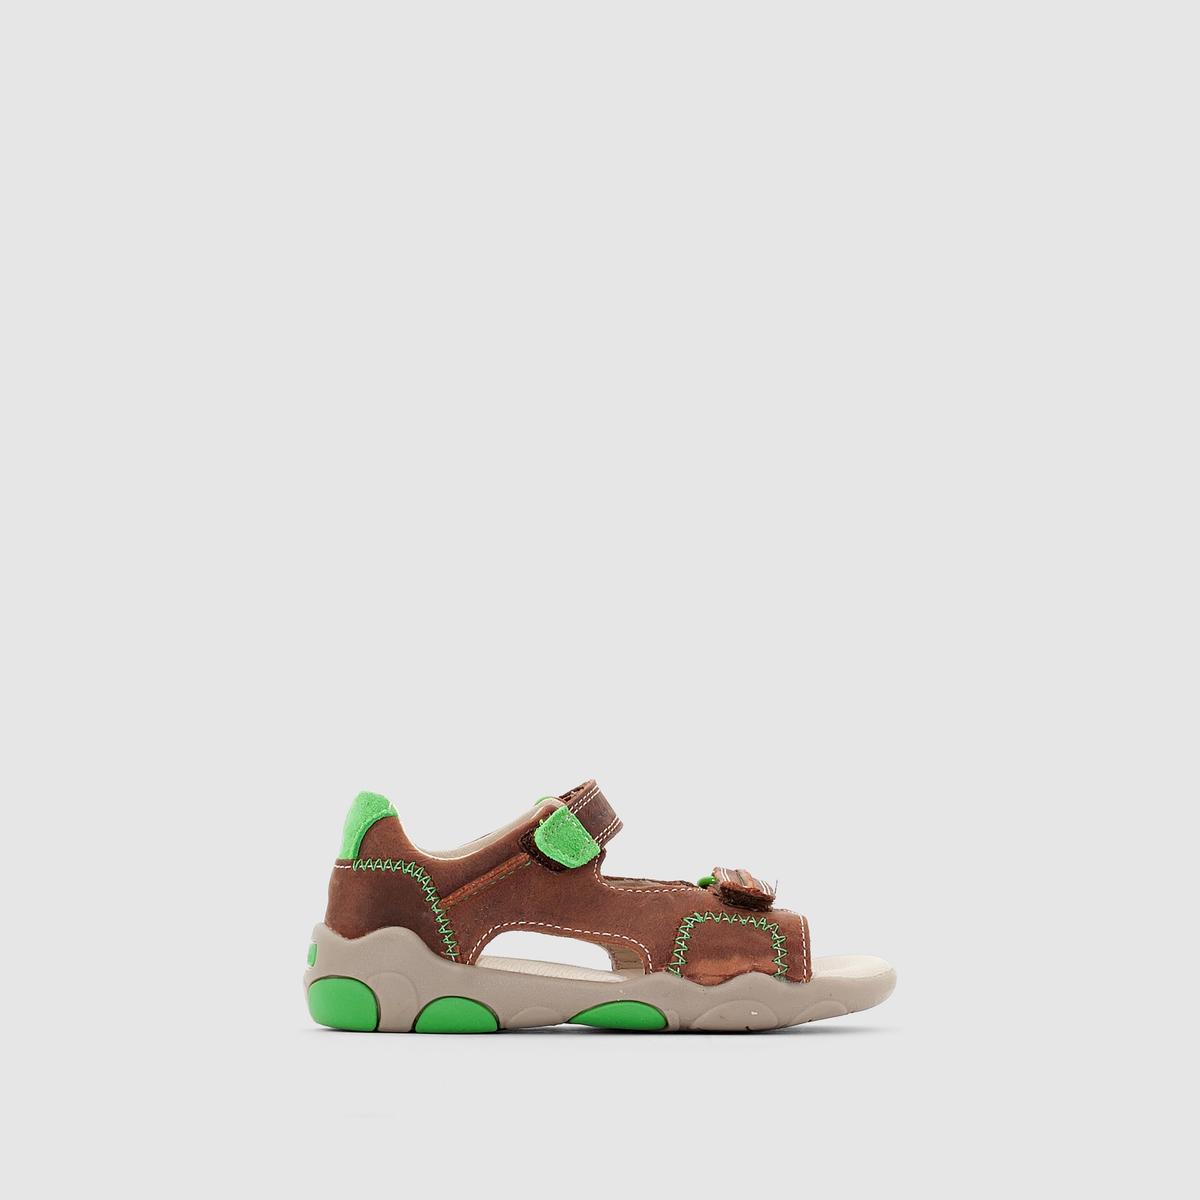 CLARKS SOFTLY BAY FSTДаже самые маленькие размеры этих очень удобных кожаных сандалий отличаются великолепным качеством. Модный дизайн и оптимальный комфорт, планки-велкро, обеспечивающие поддержку и нужную утяжку: в такой обуви малыш будет готов двигаться по жизни!<br><br>Цвет: каштановый<br>Размер: 20